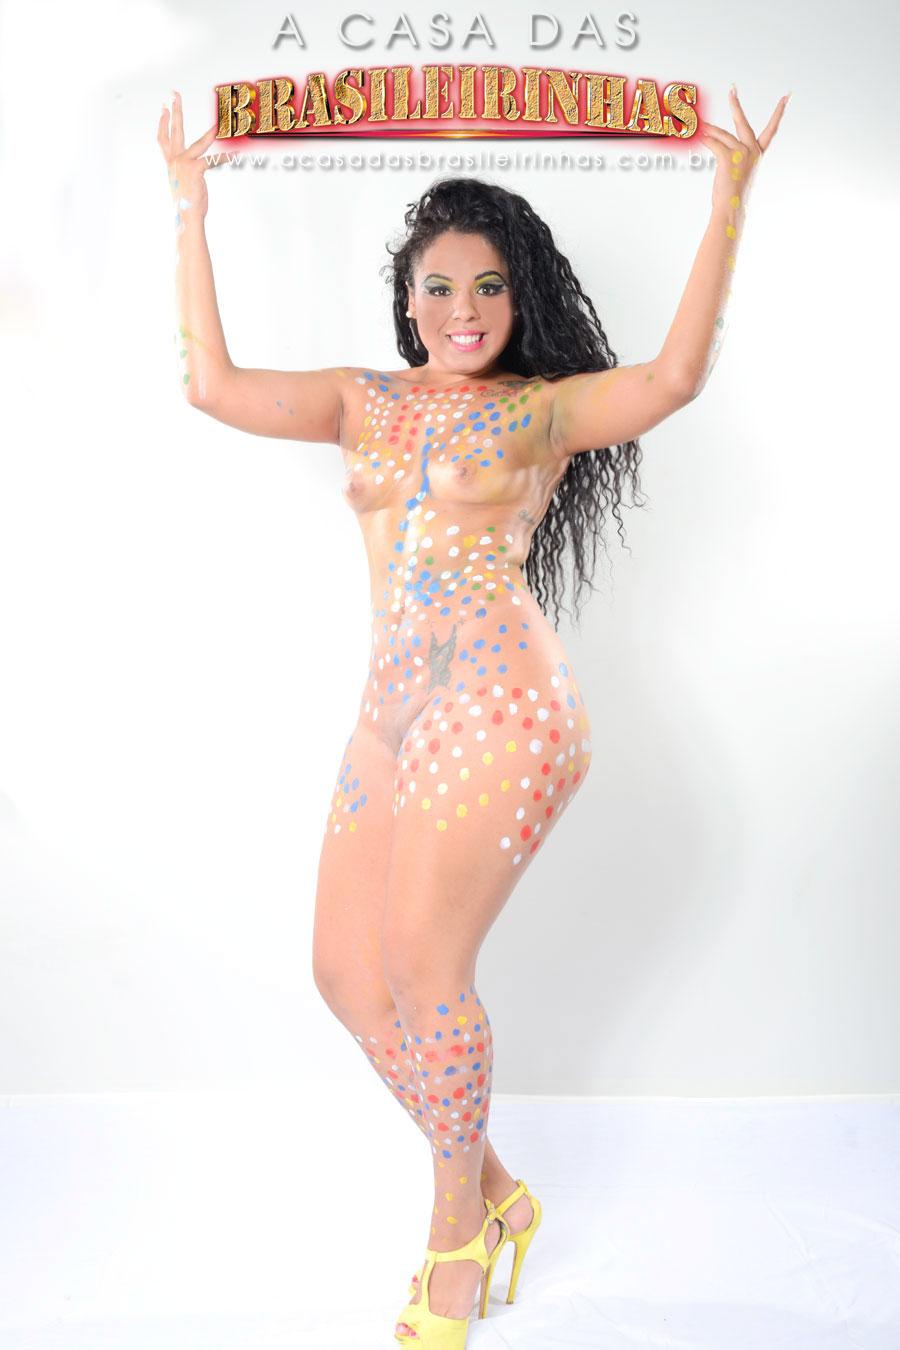 monique-carvalho-mulata-gostosa-do-carnaval.jpg